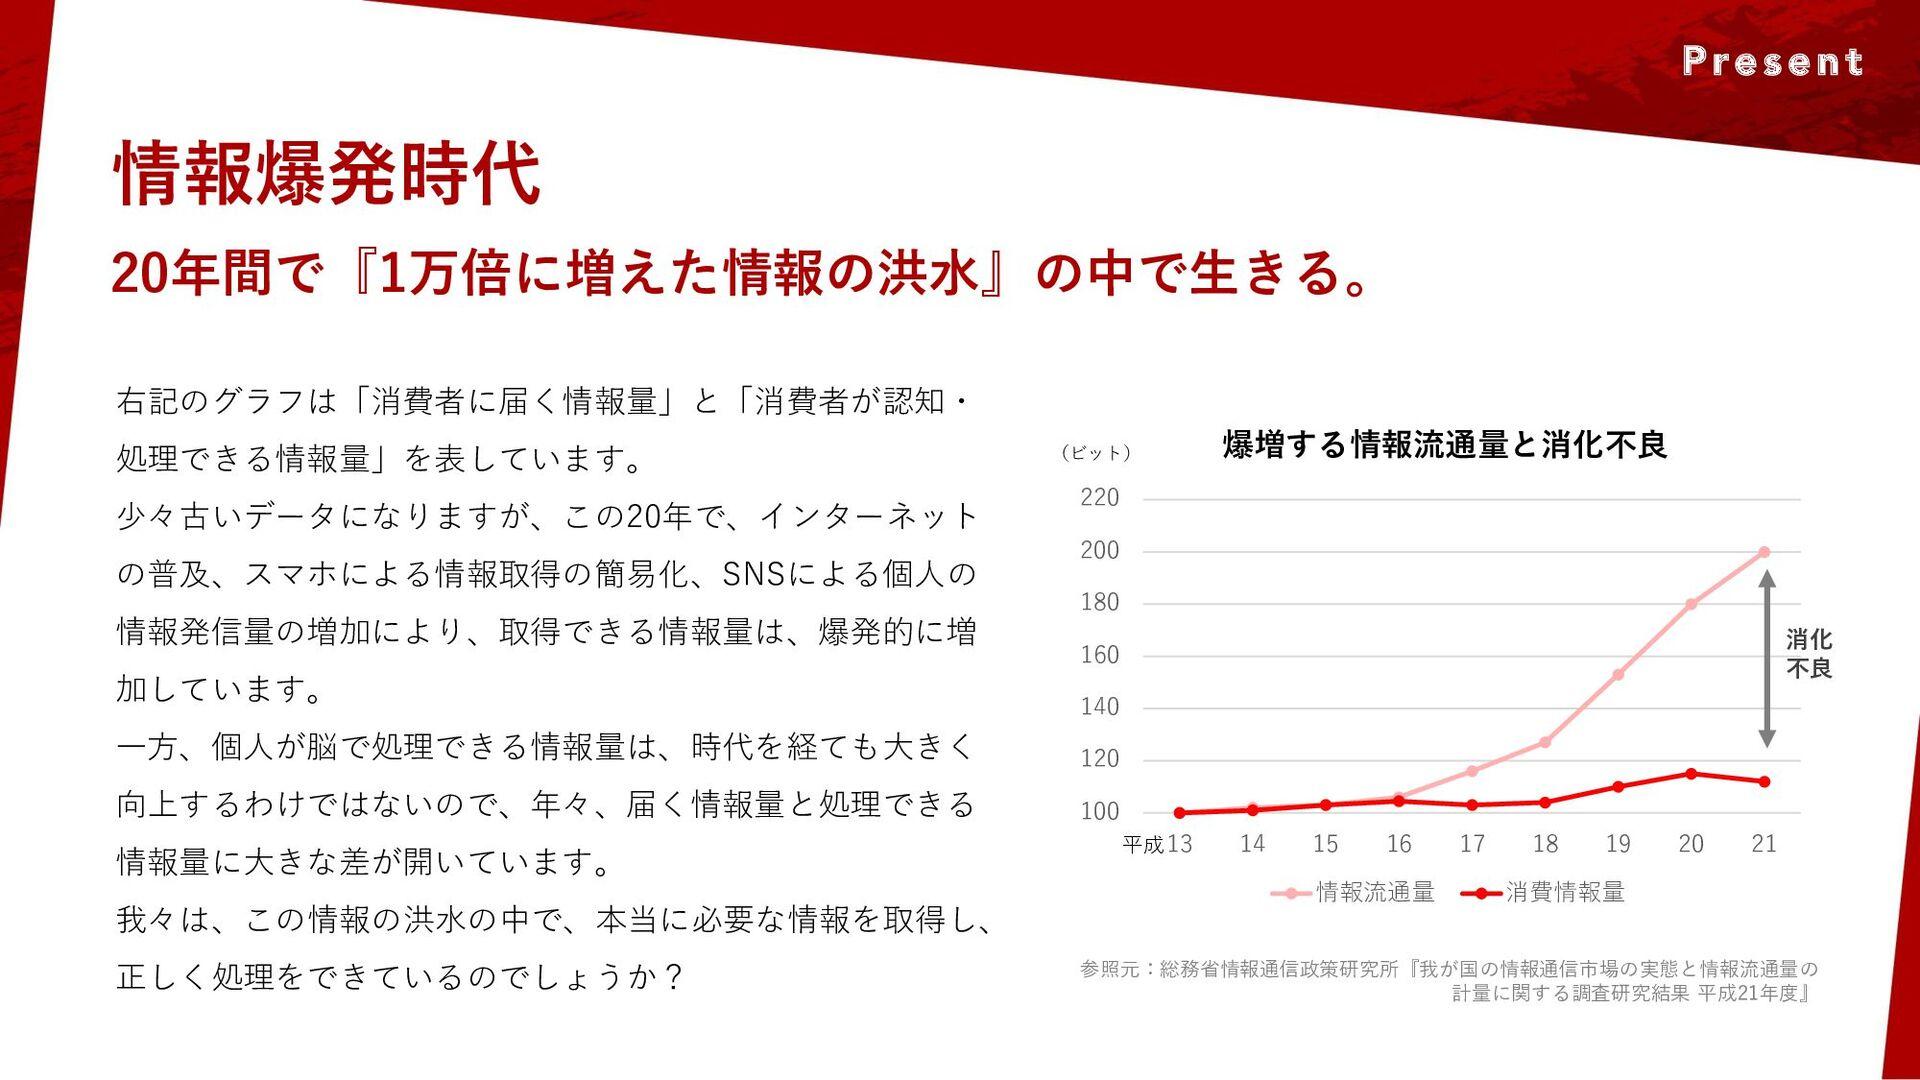 情報爆発時代 20年間で『1万倍に増えた情報の洪水』の中で生きる。 右記のグラフは「消費者に届...